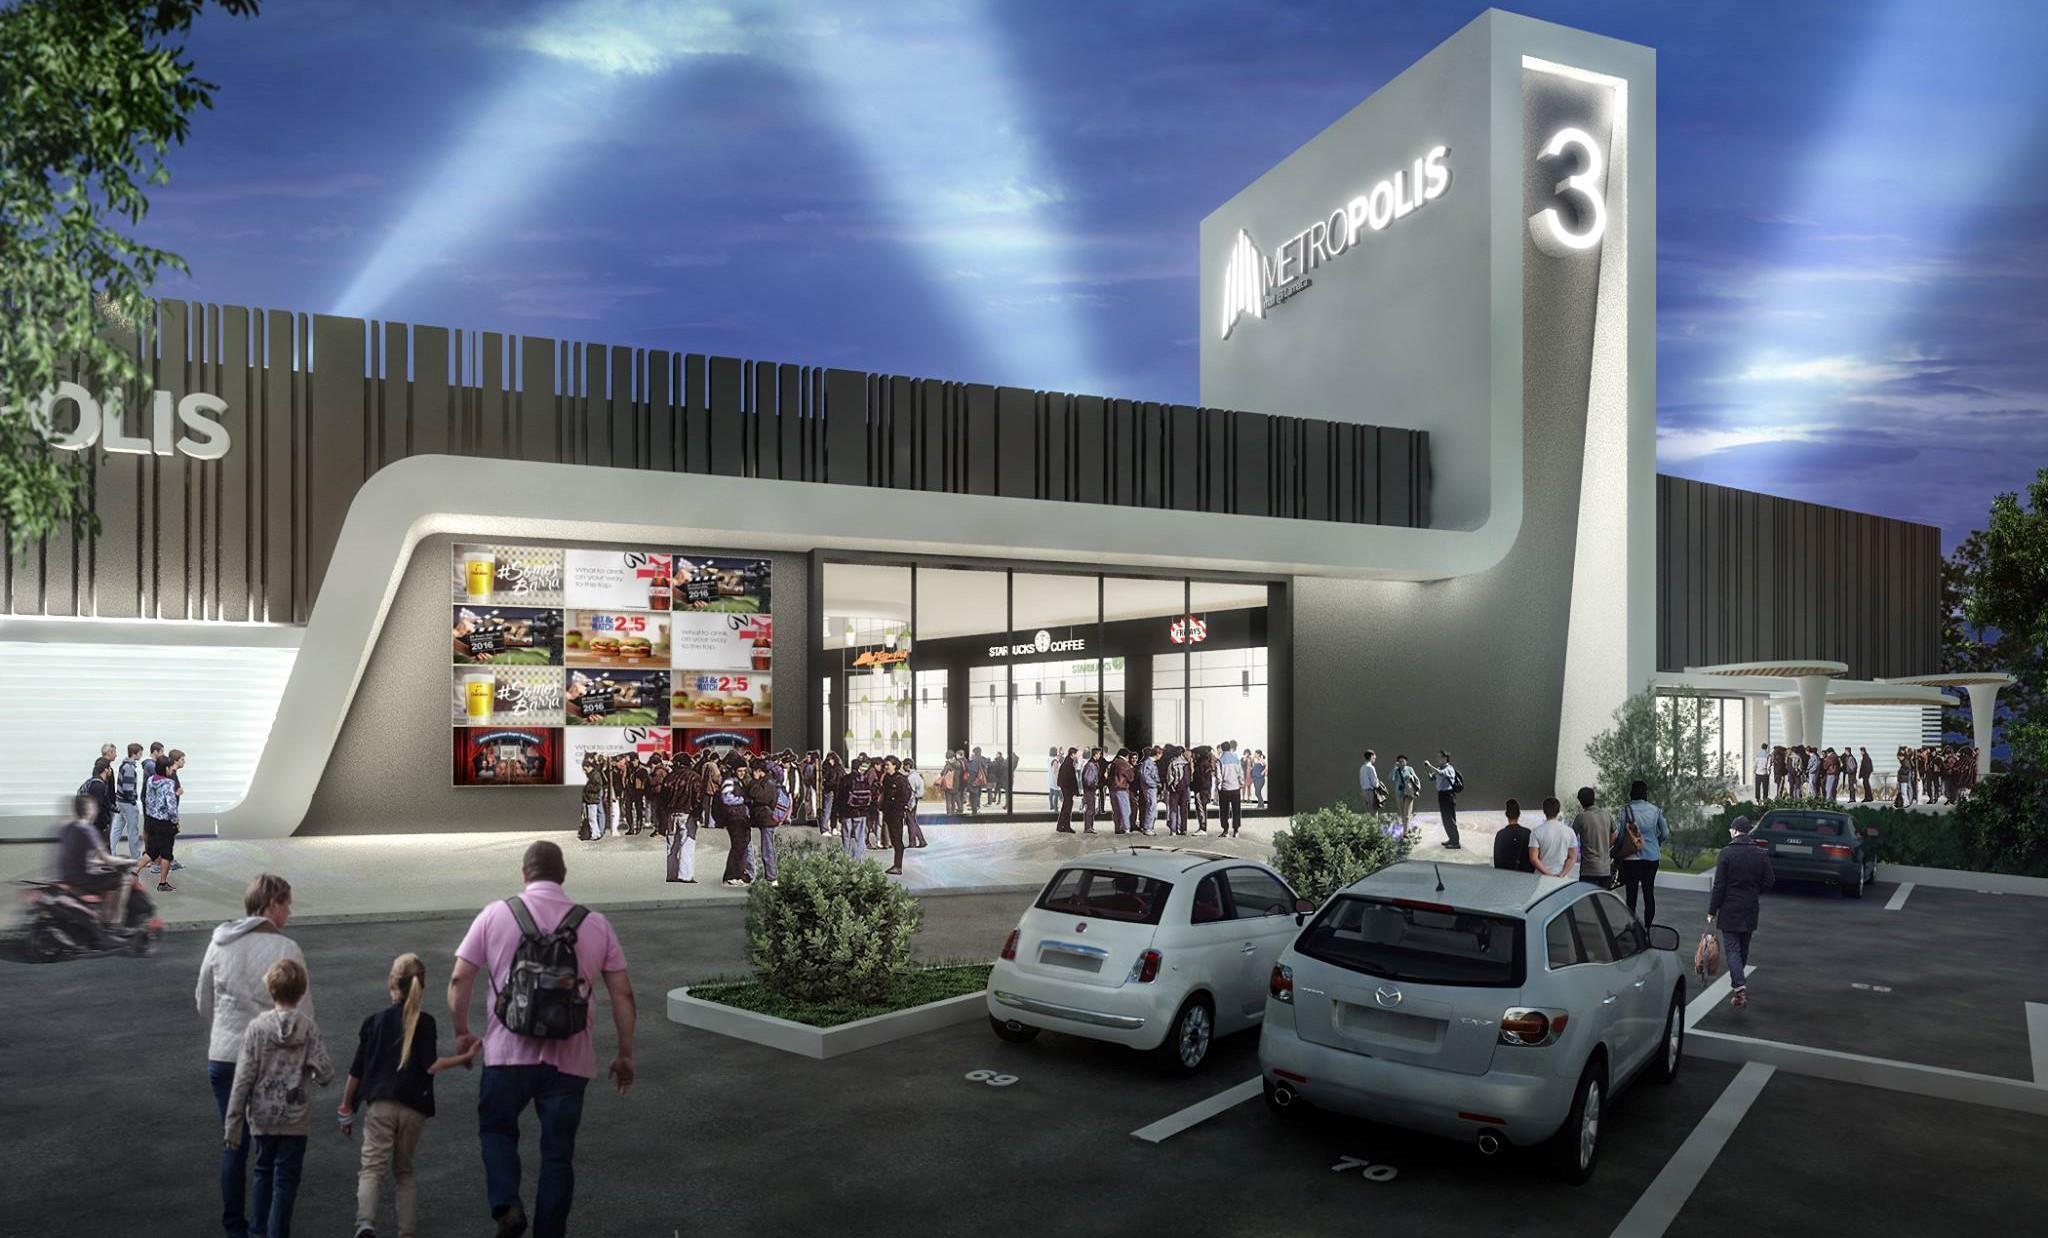 Стала известна дата официального открытия Metropolis Mall в Ларнаке